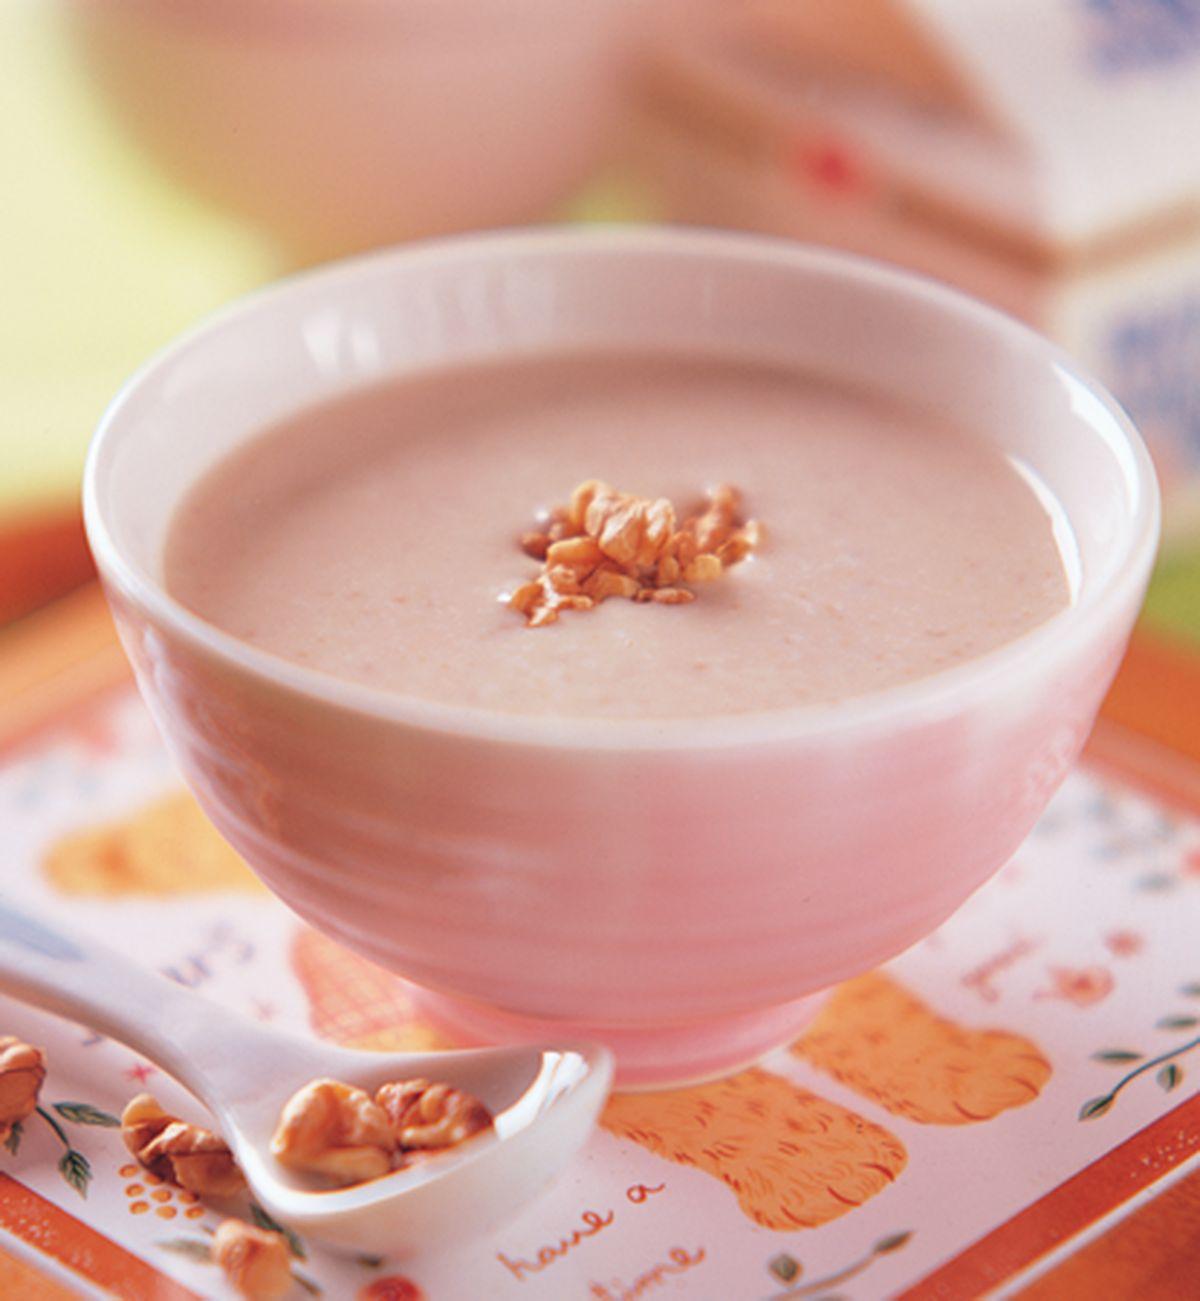 食譜:核桃鮮奶露